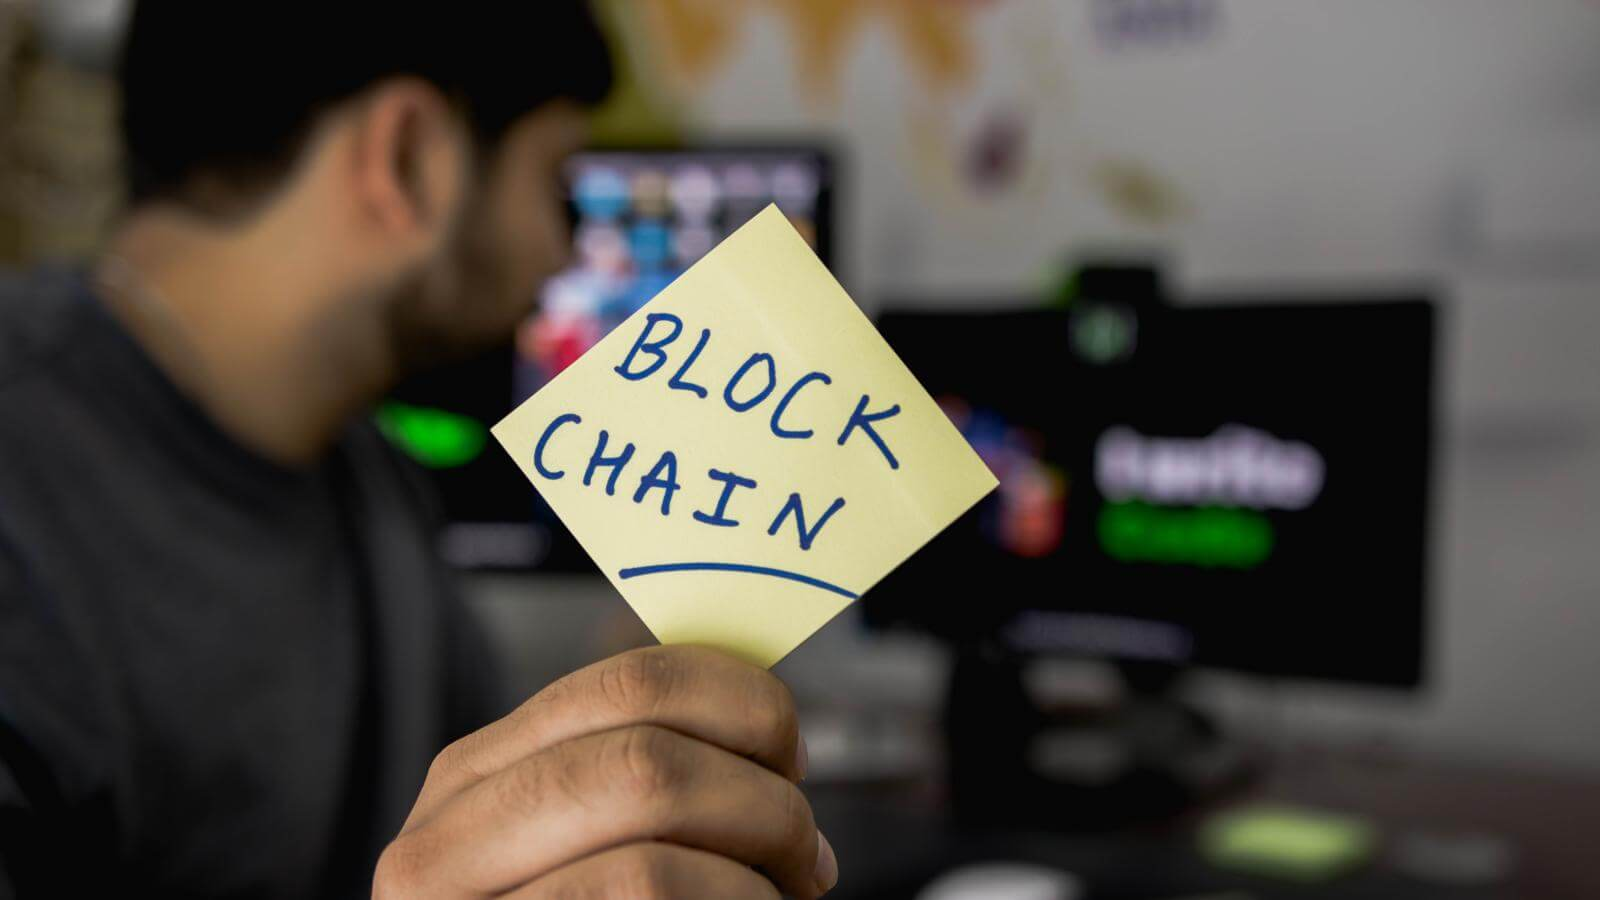 Blockchain note